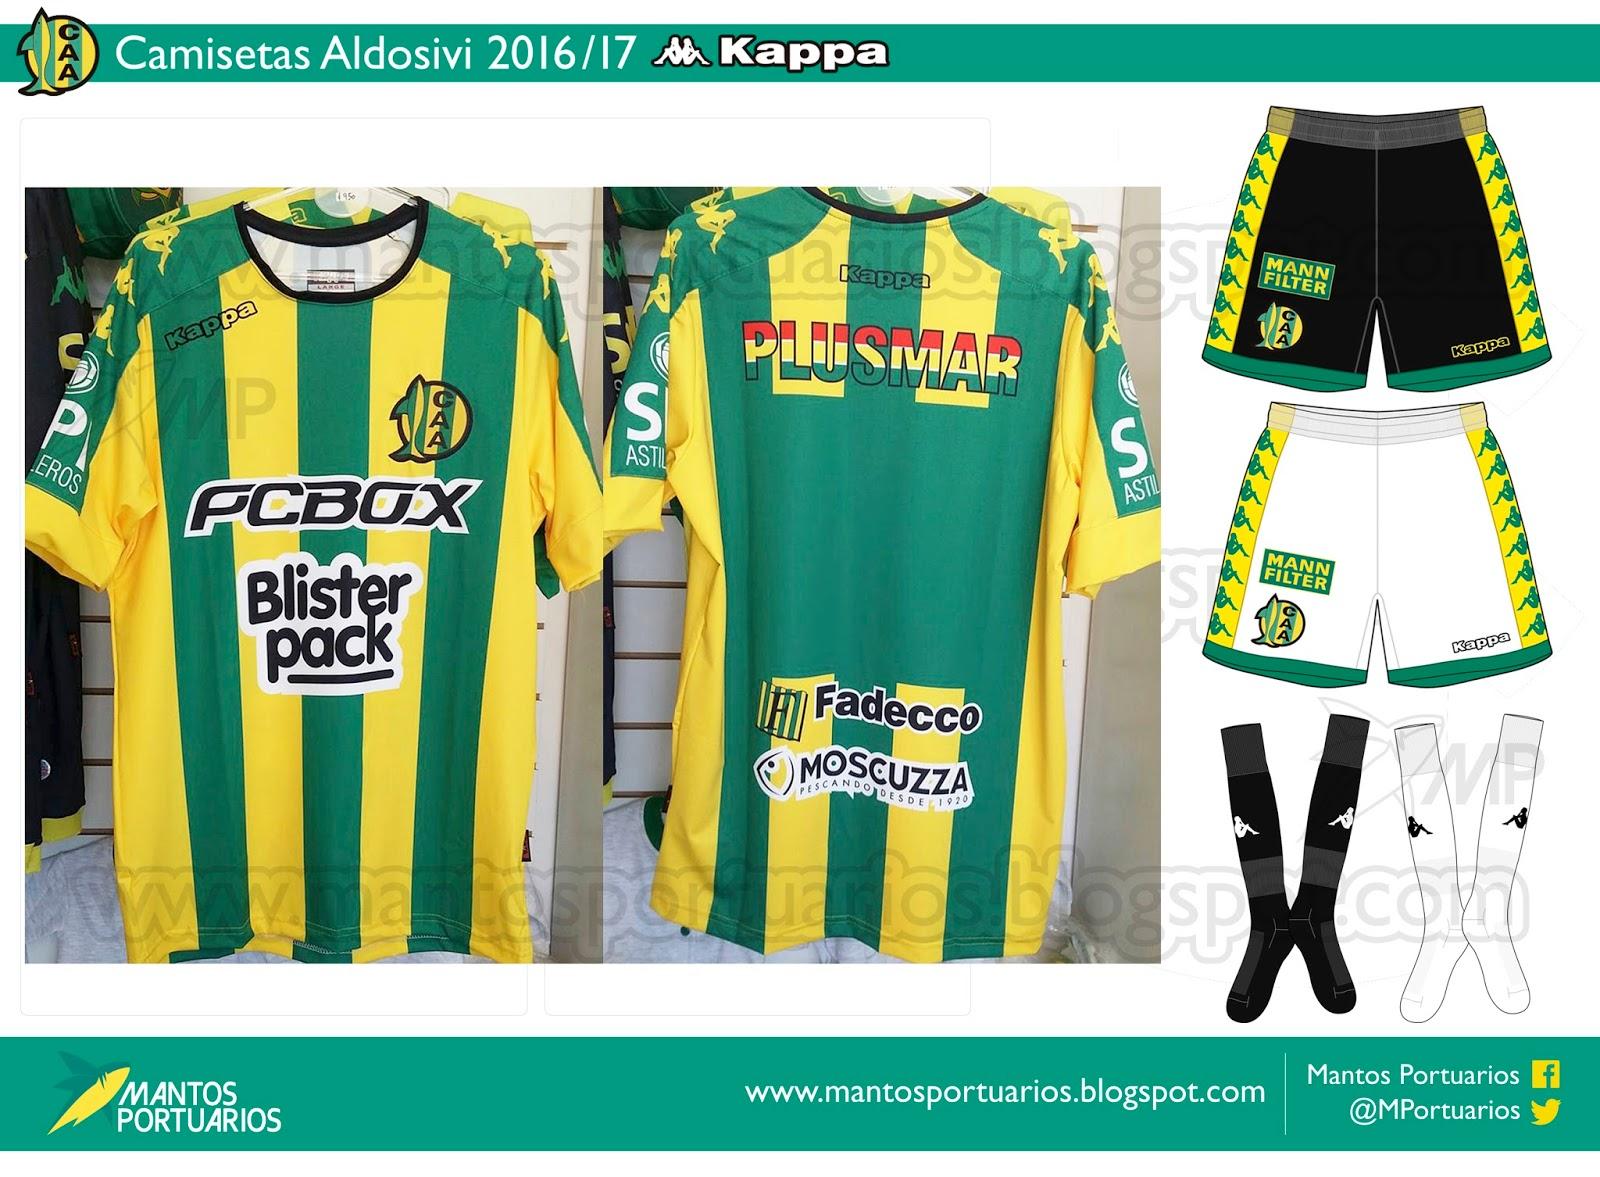 Groseramente en caso Latón  Mantos Portuarios: [Análisis y opinión] Camisetas Kappa Aldosivi 2016/17